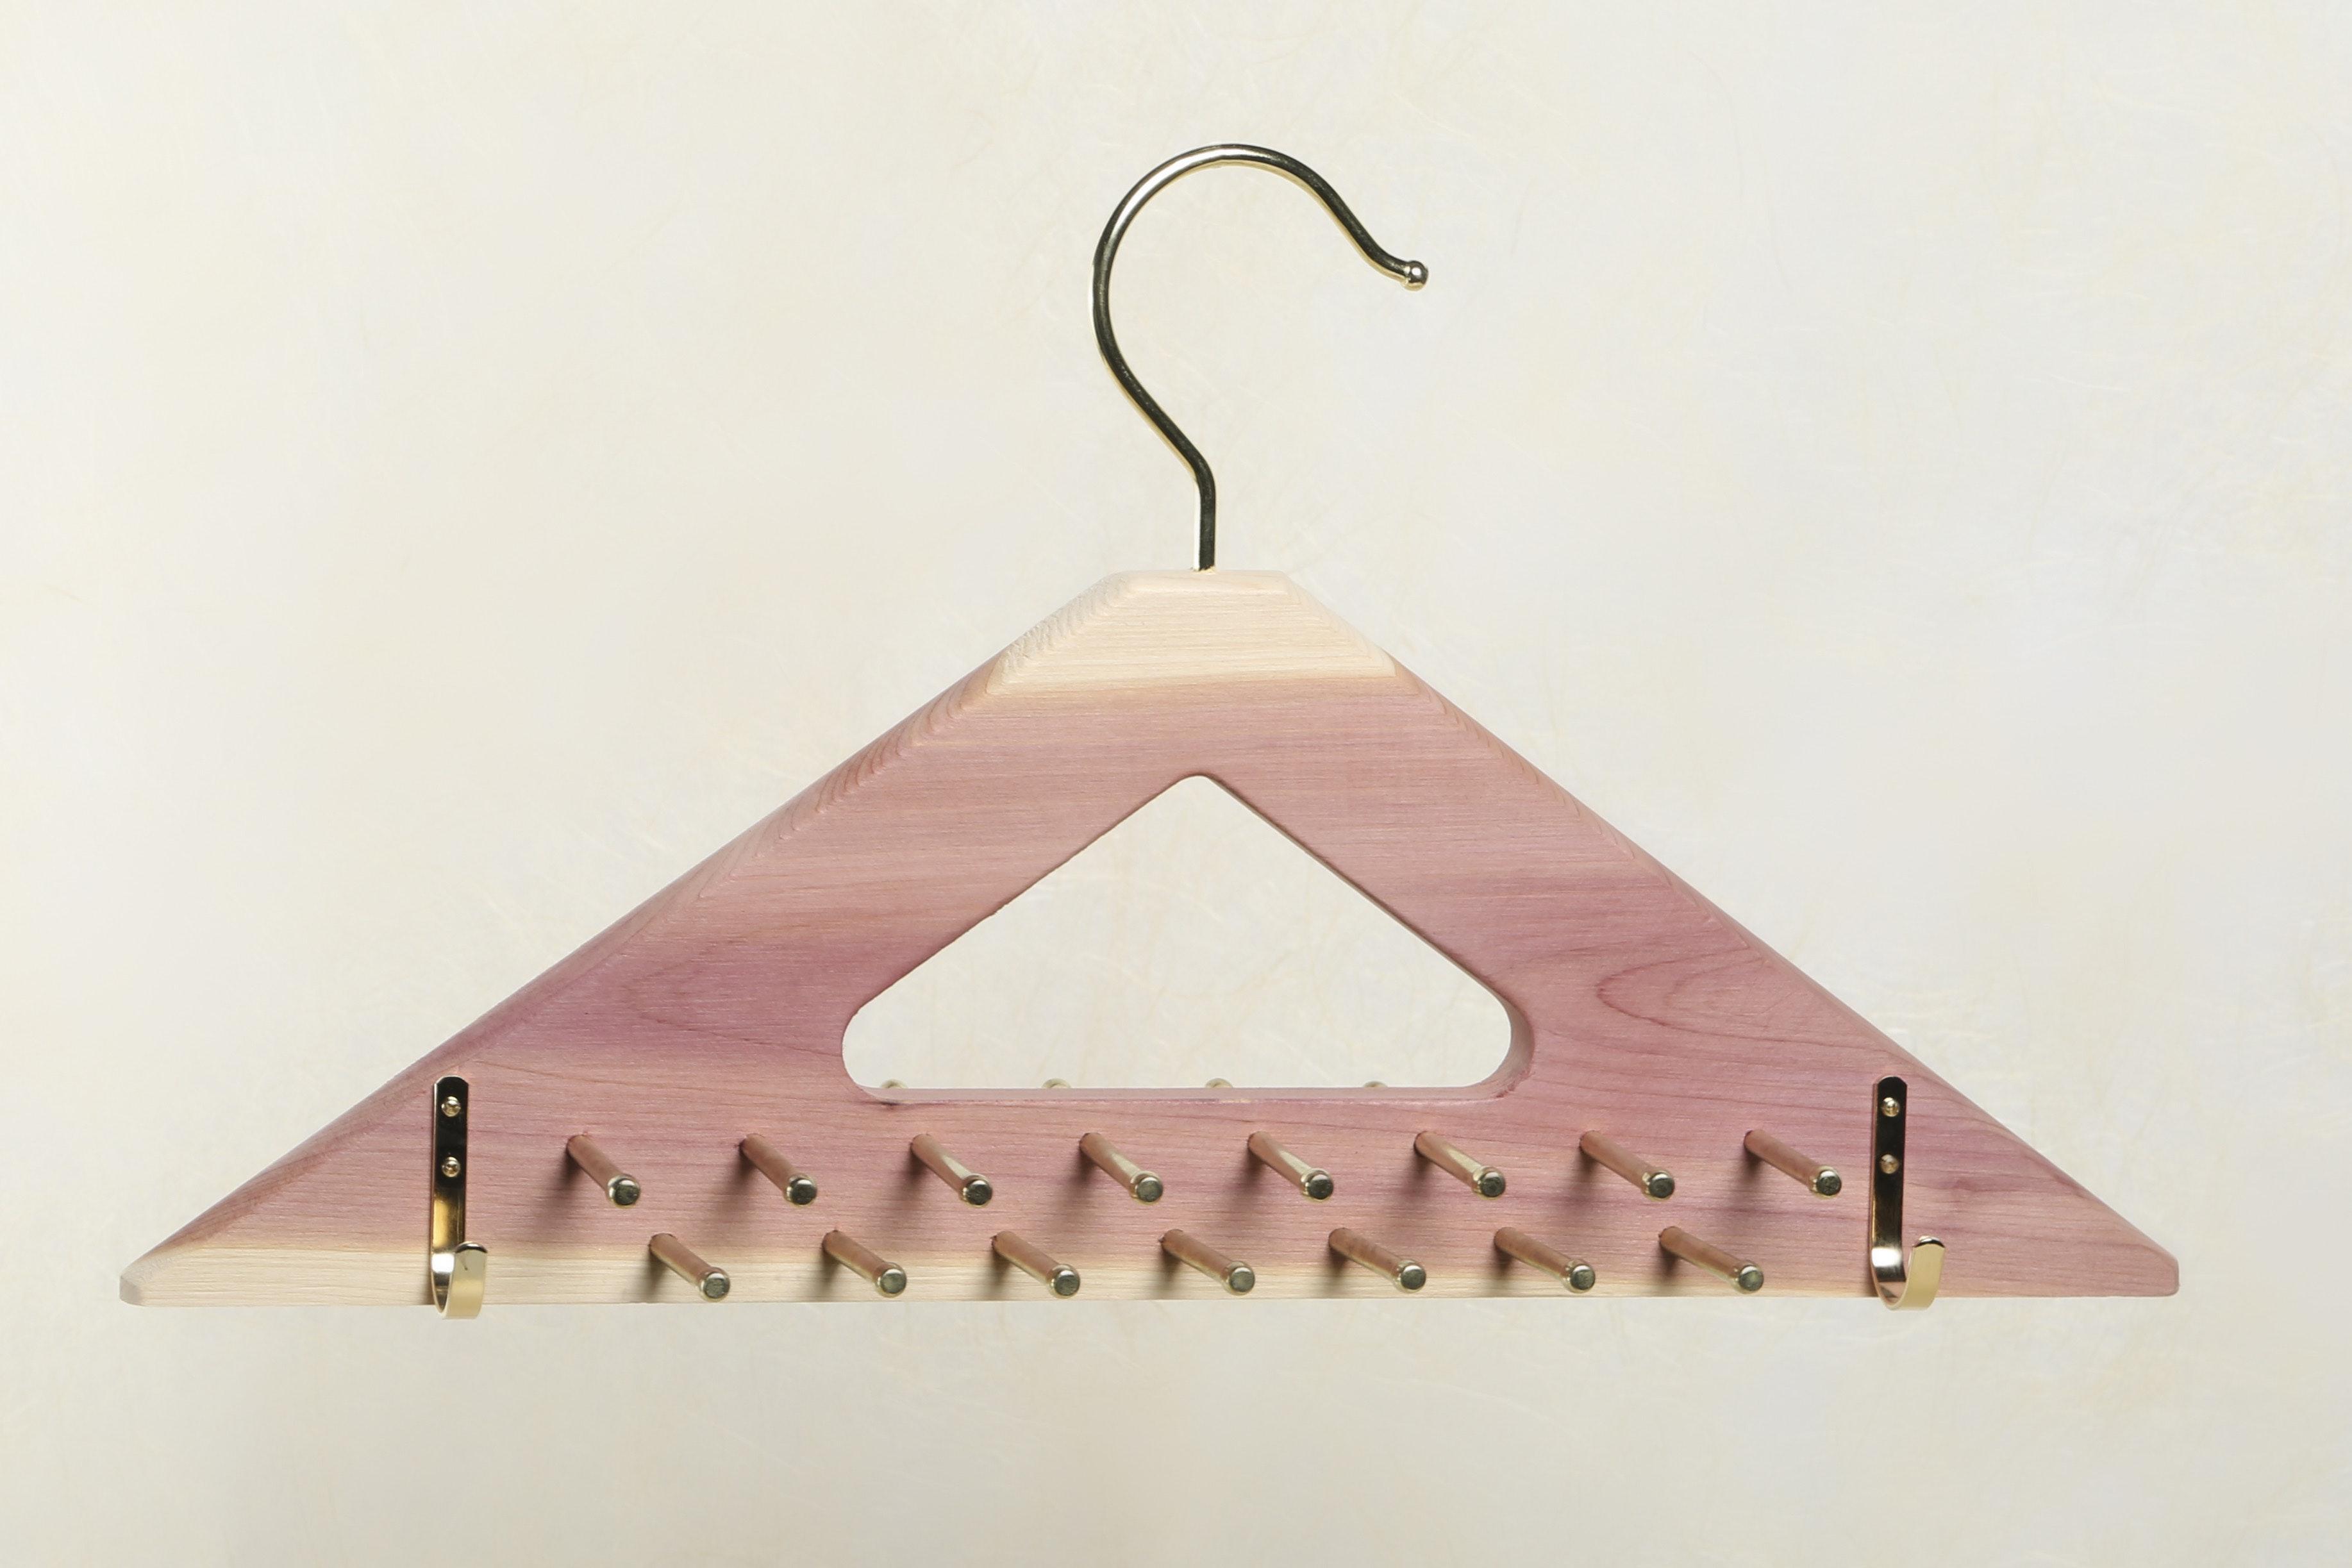 Woodlore Tie and Belt Hanger